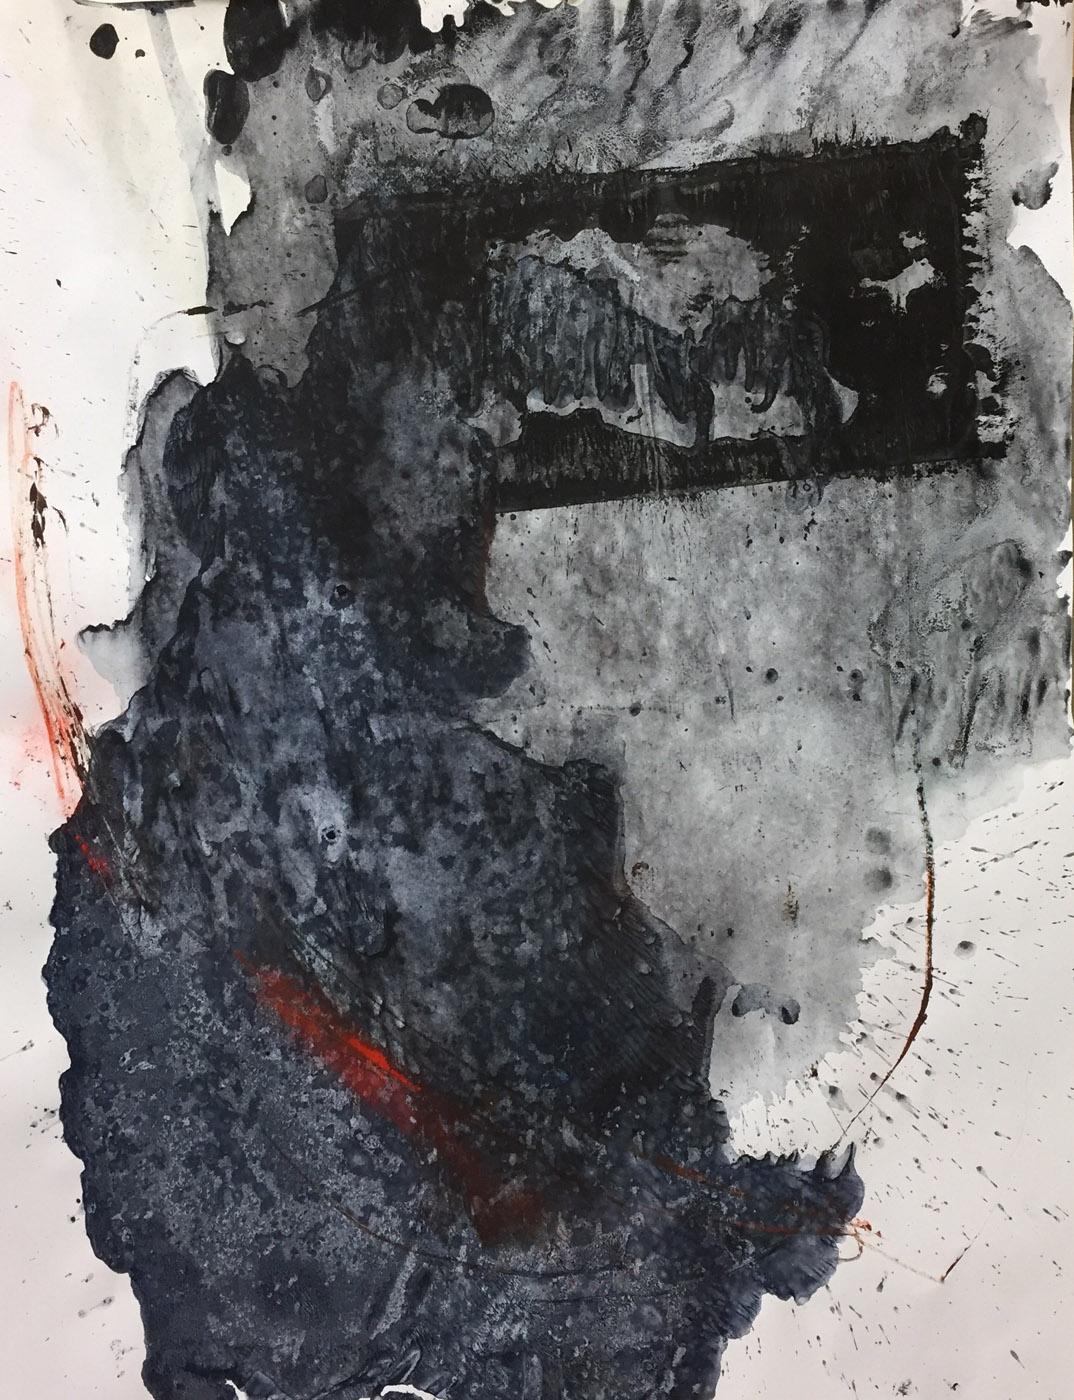 MARC FELD 2019 PIERRE SANS CHAGRIN 2 Acrylique, gouache et pigments sur papier 50 x 65 cm